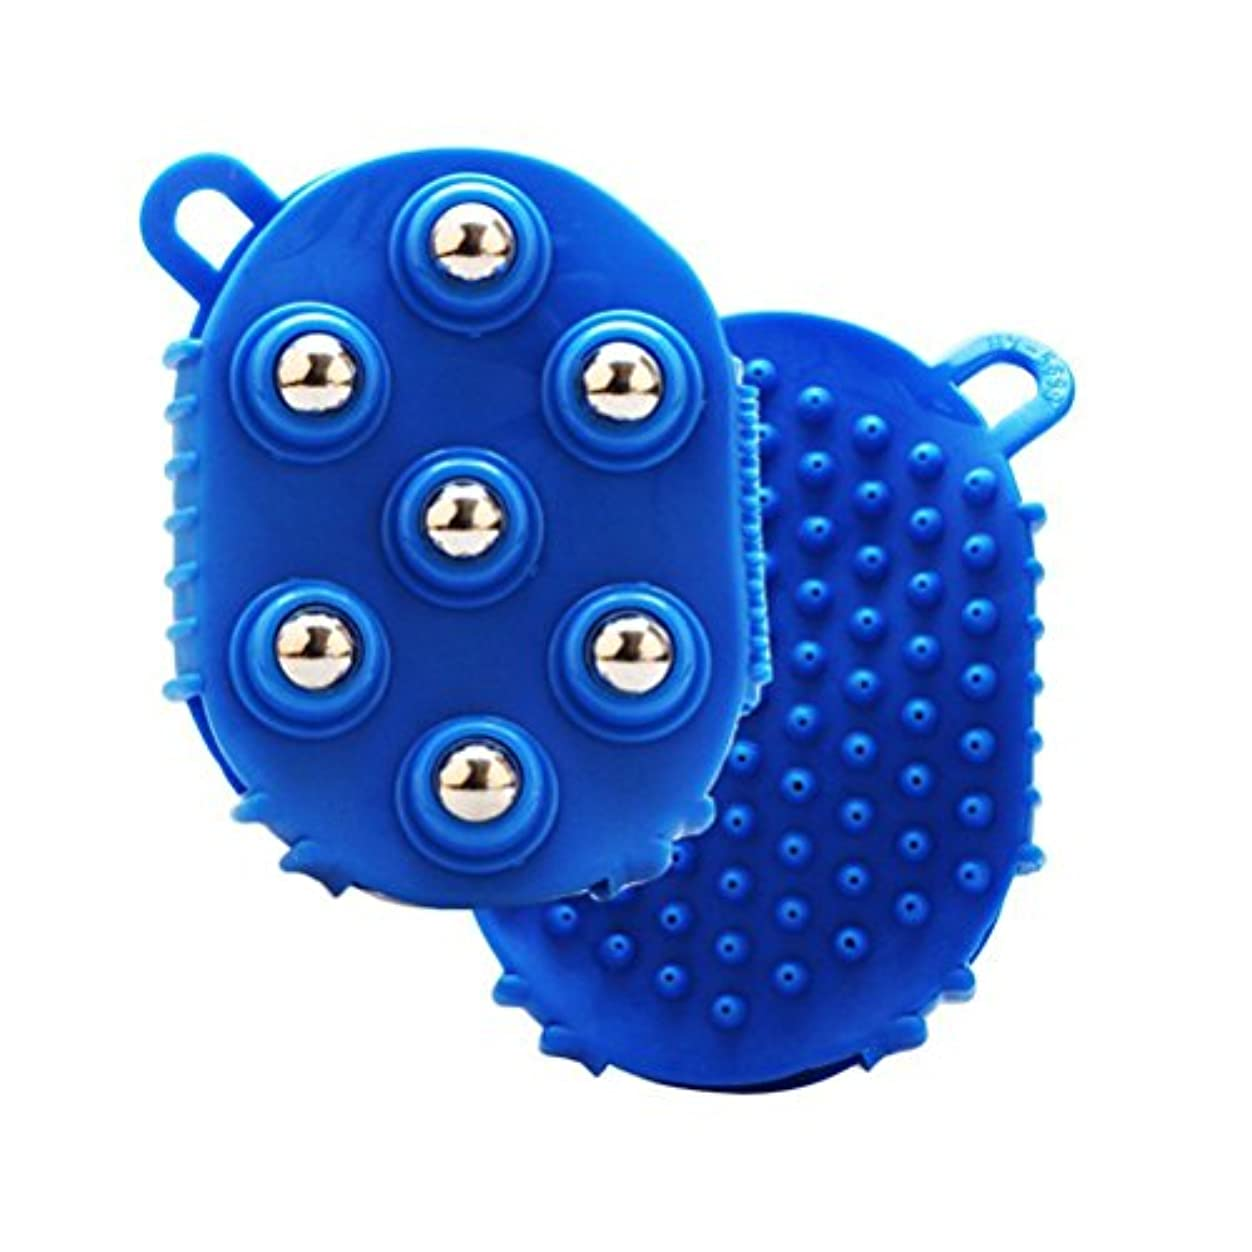 道徳等しい獣ROSENICE マッサージブラシ7痛みの筋肉の痛みを軽減するための金属ローラーボールボディマッサージャー(ブルー)